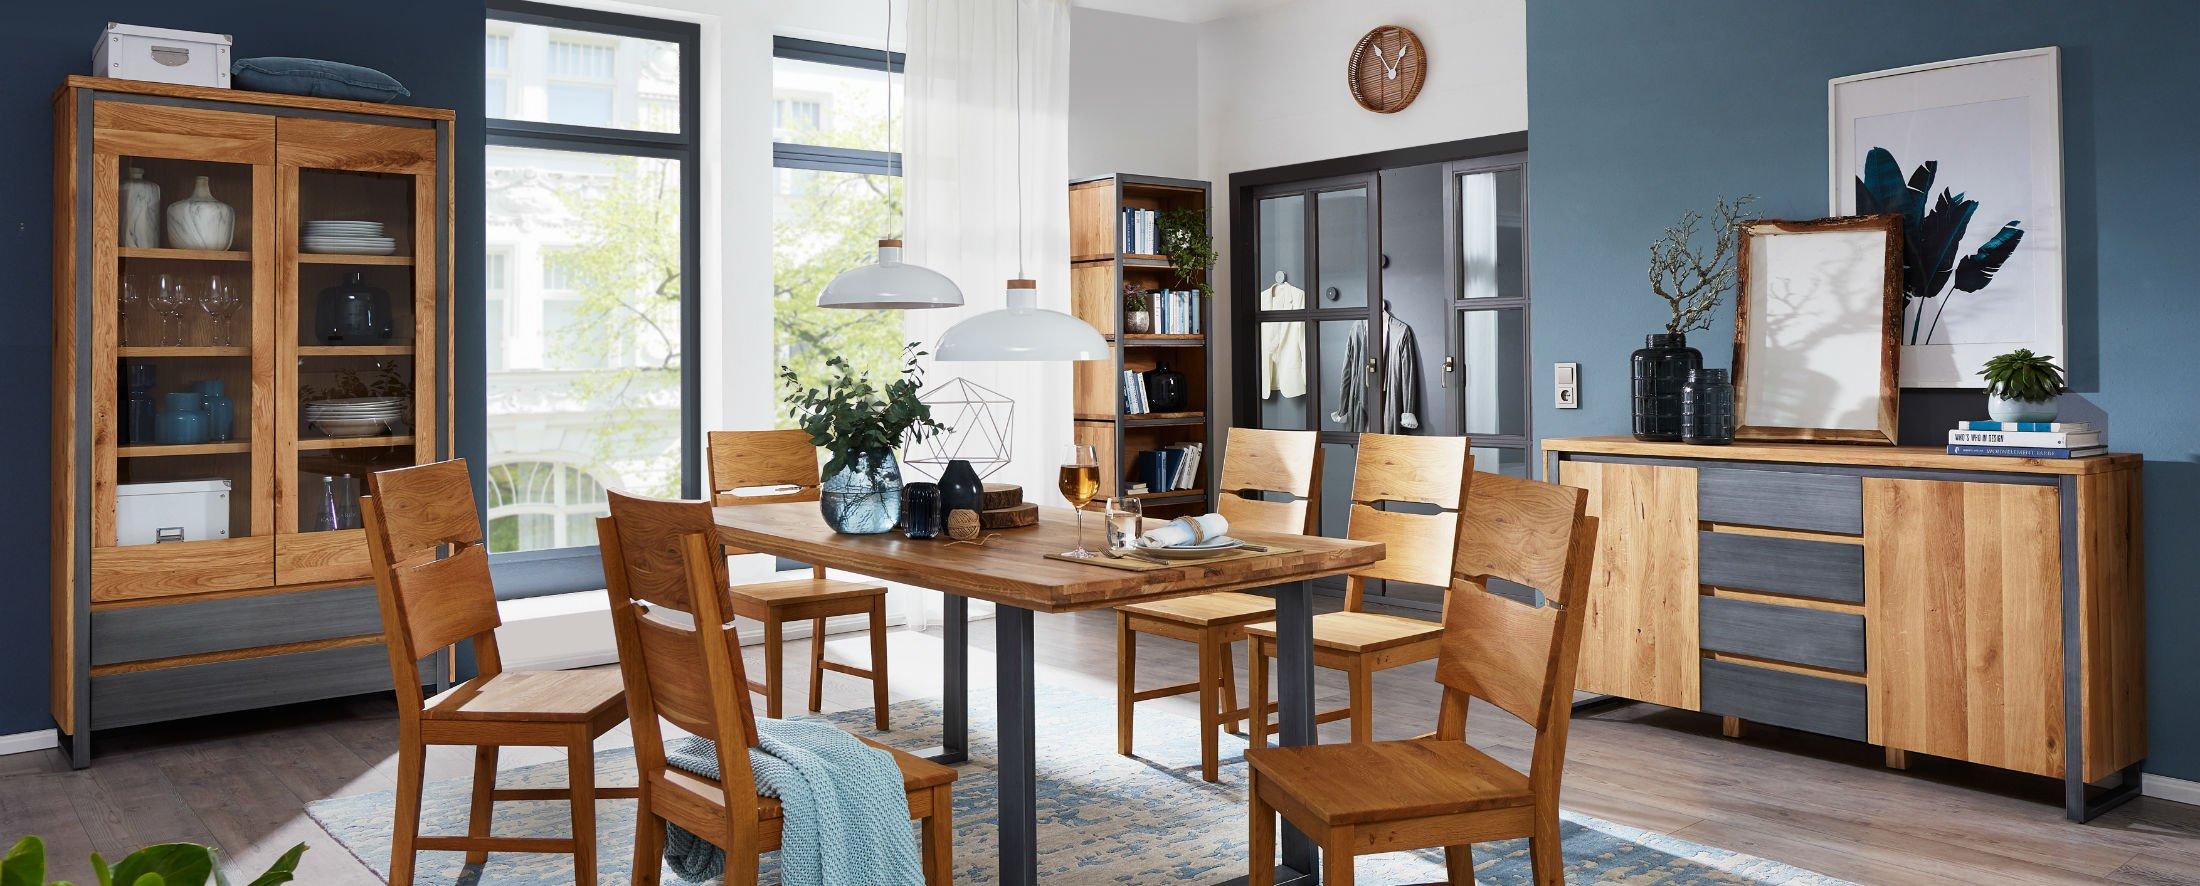 Wohnzimmer Speisezimmer Byrum, Bild 1